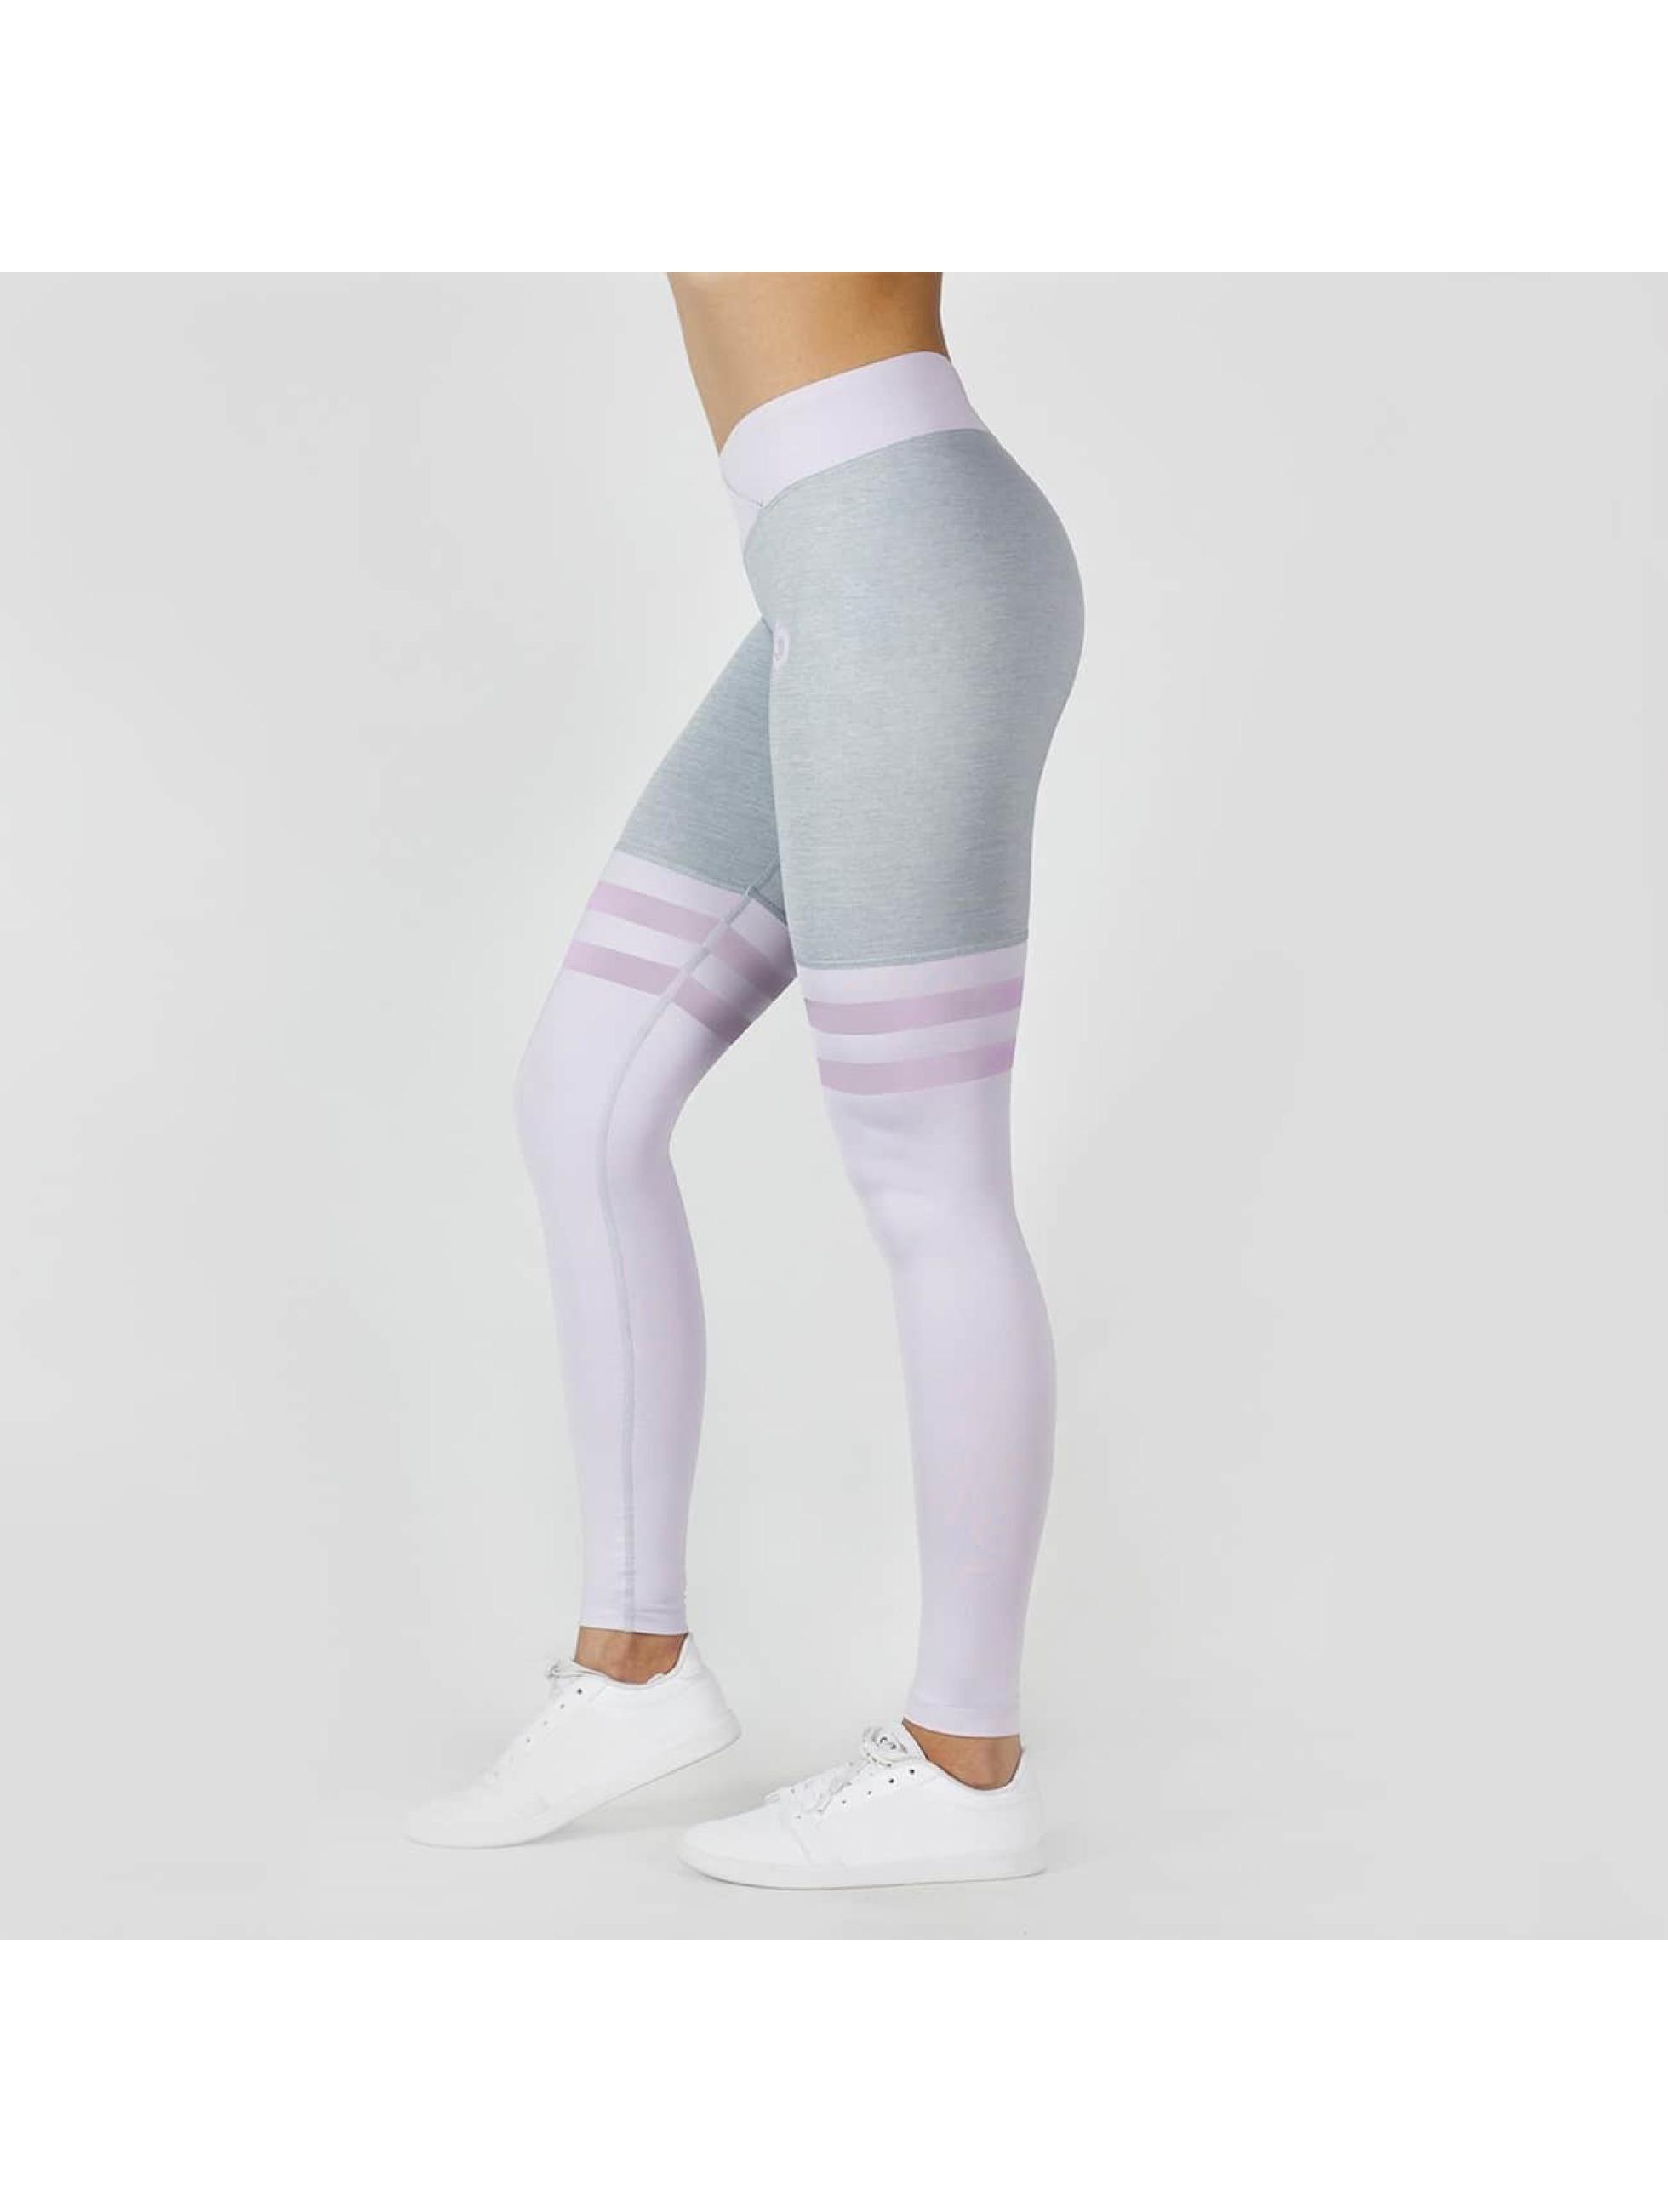 Beyond Limits Legging Overknee grau